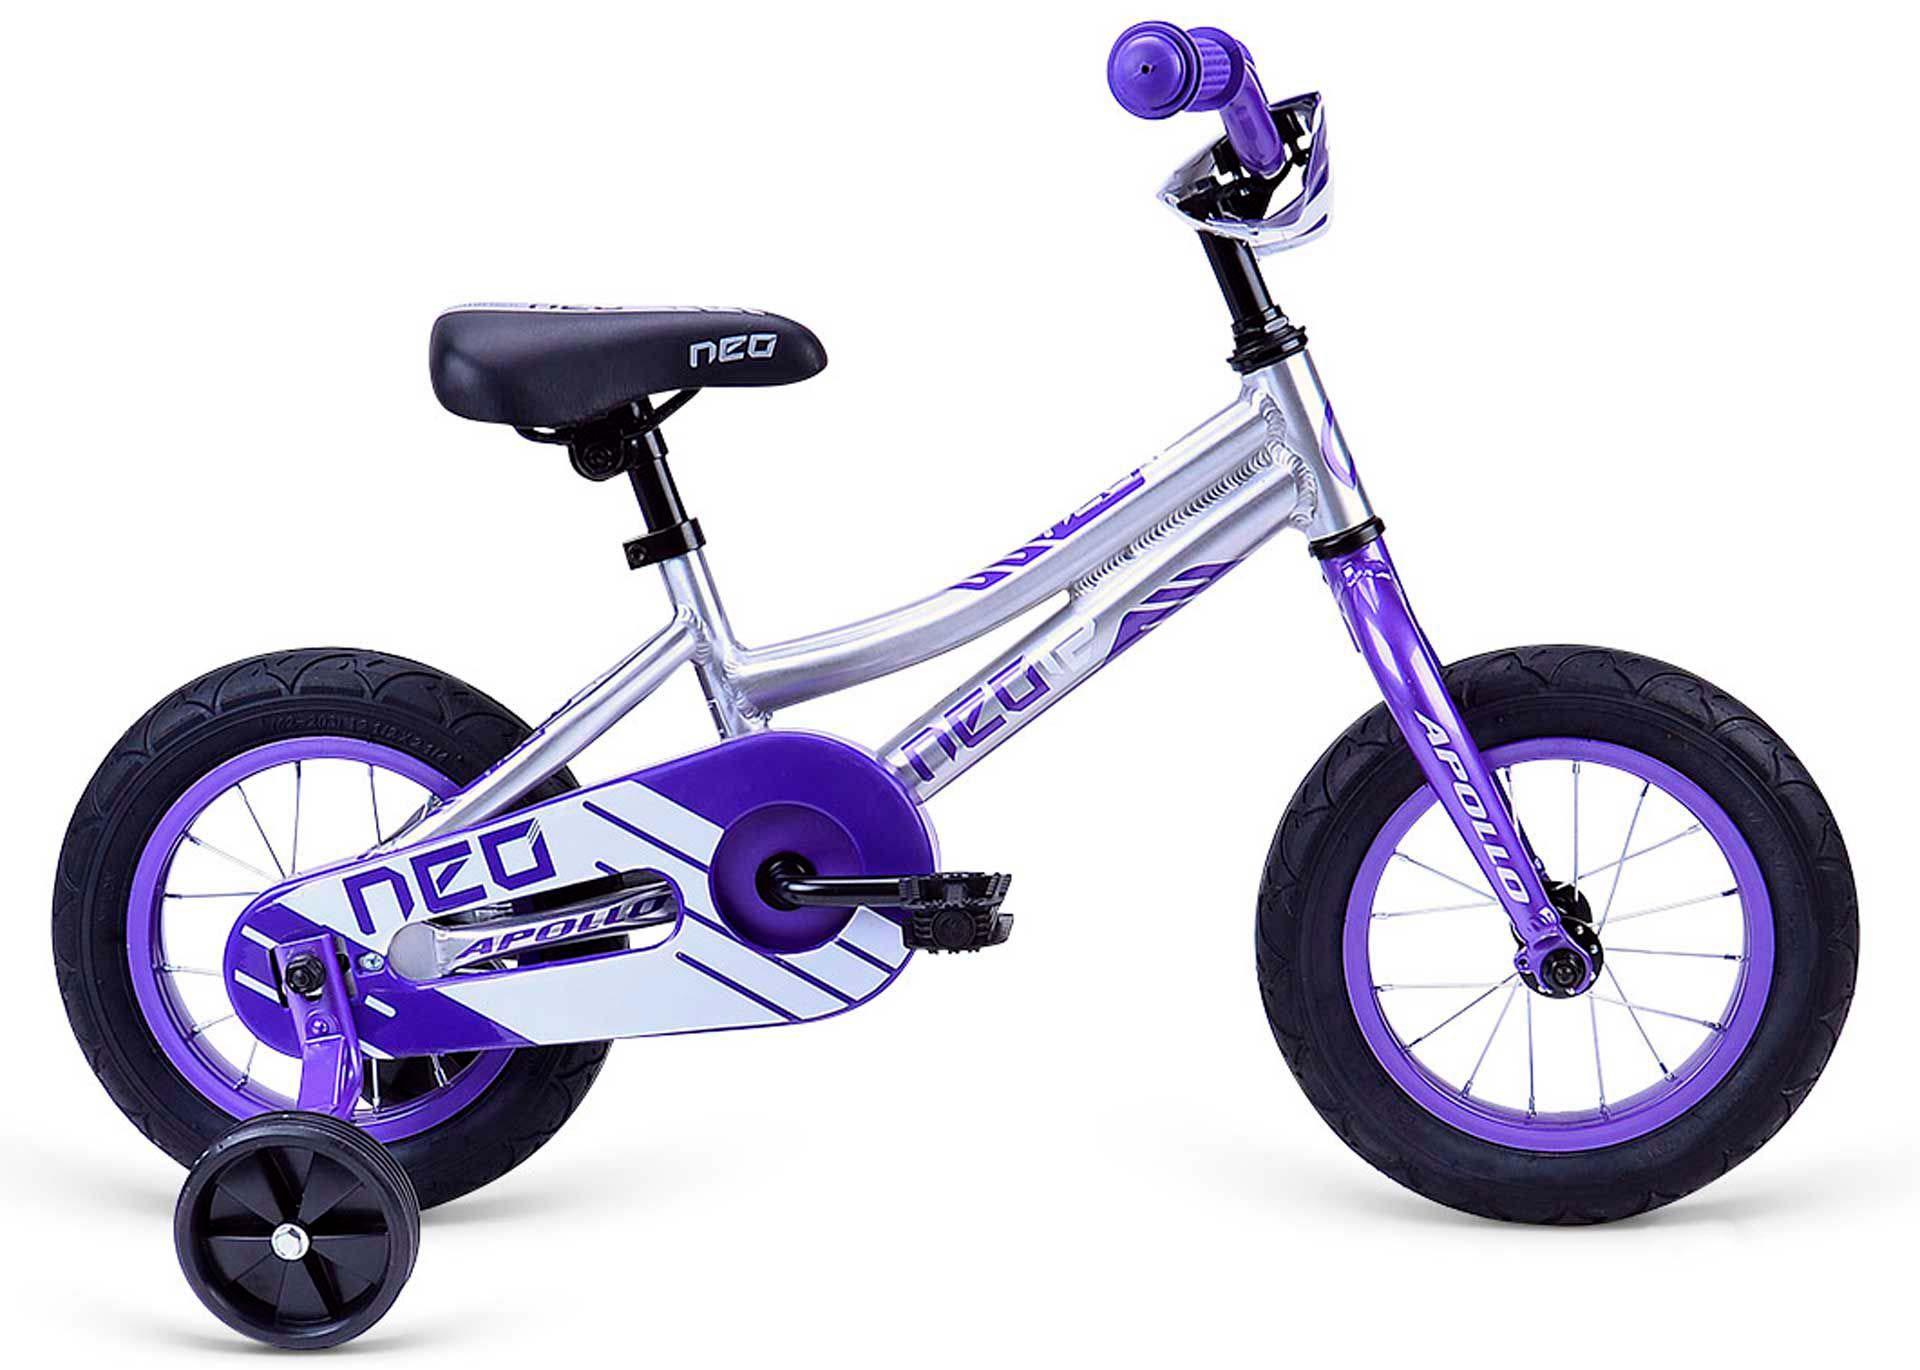 Велосипед 12 Apollo Neo girls фиолетовый/белый 2020